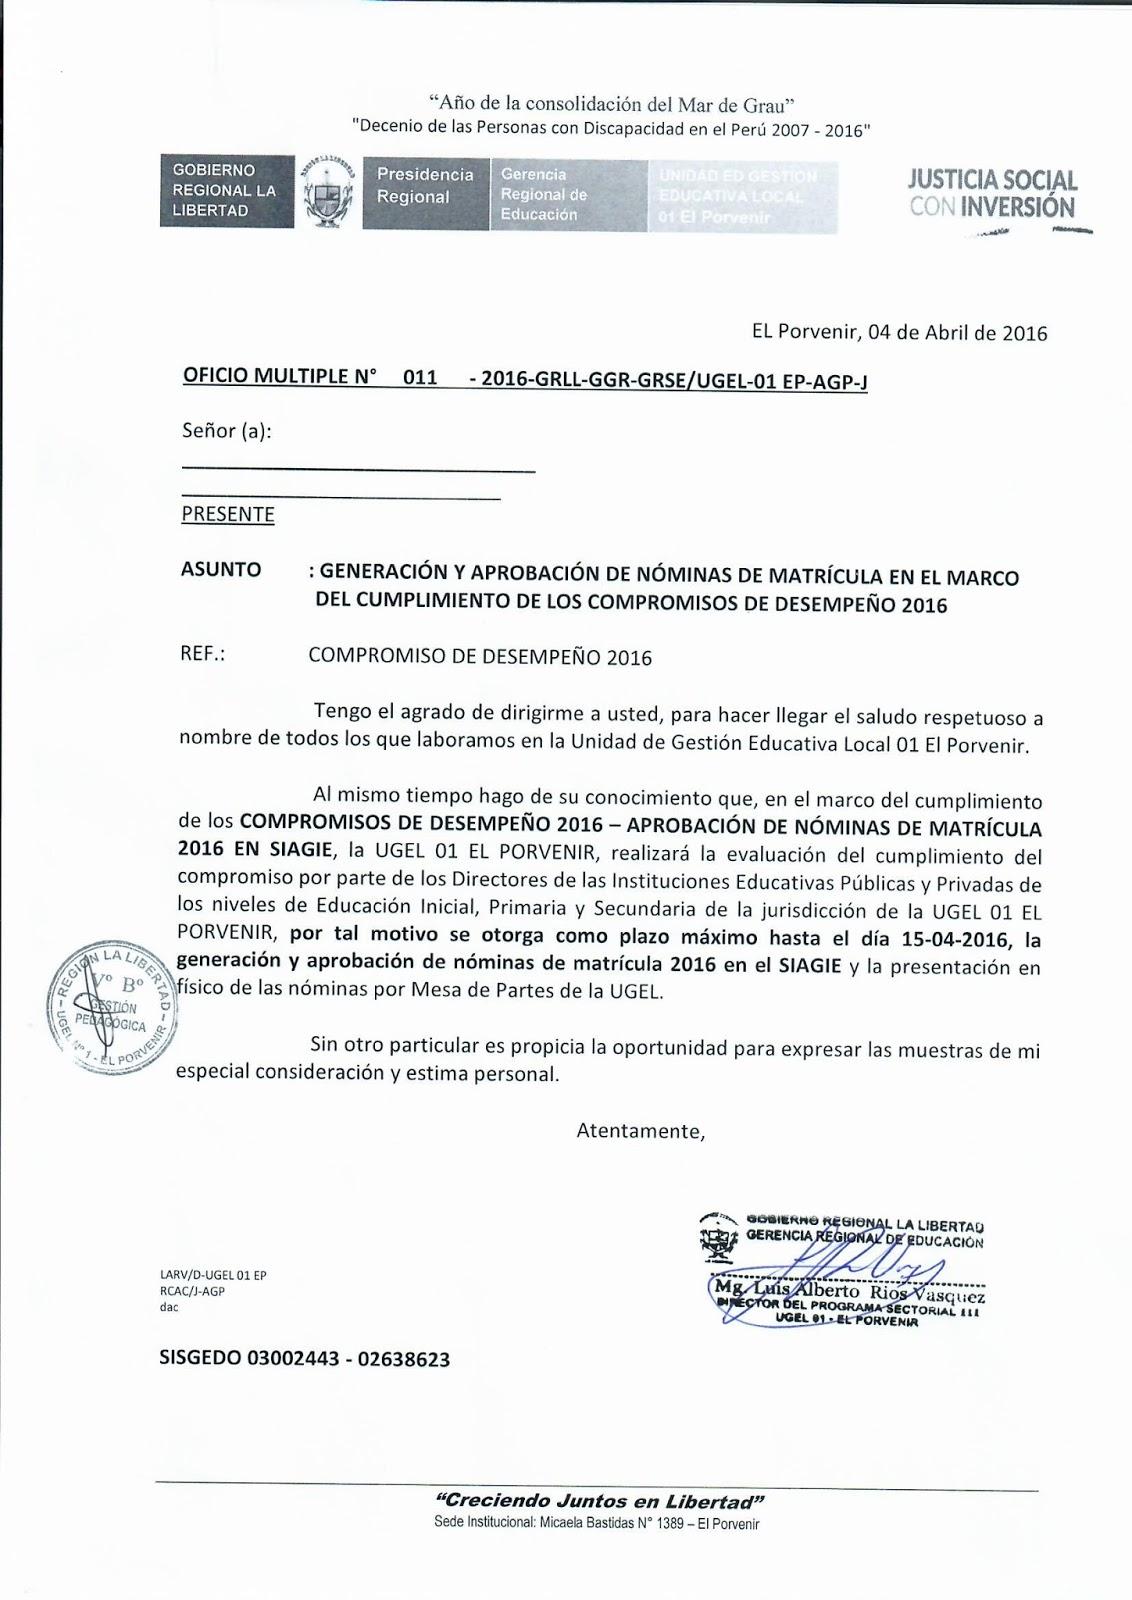 UGEL 01 El Porvenir: URGENTE - GENERACIÓN Y APROBACIÓN DE NOMINAS DE ...